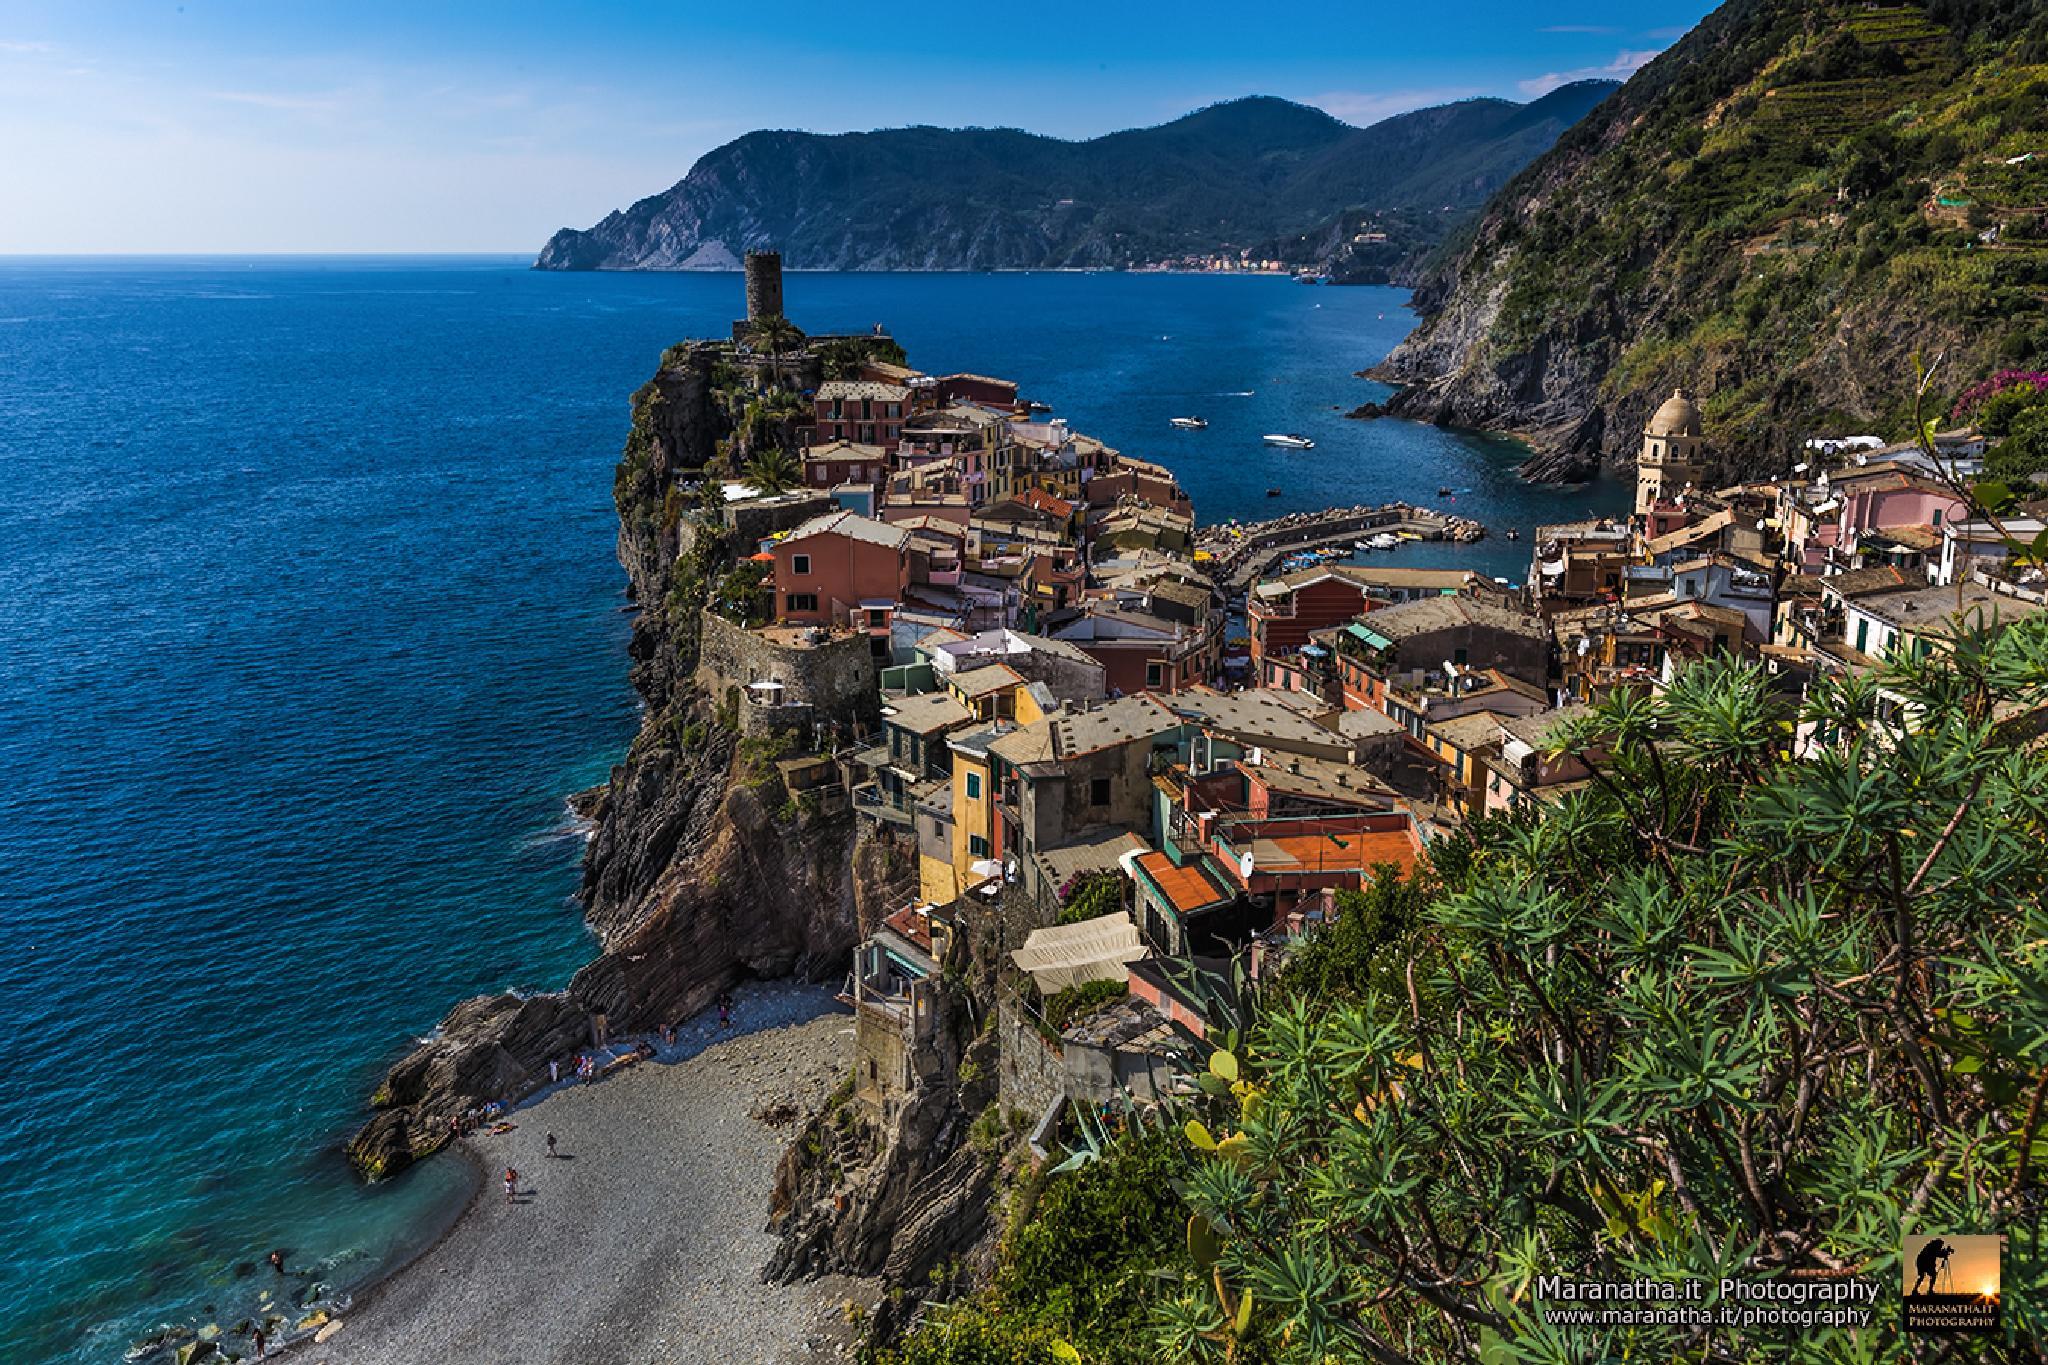 Vernazza, Liguria, Italy by Maranatha.it Photography